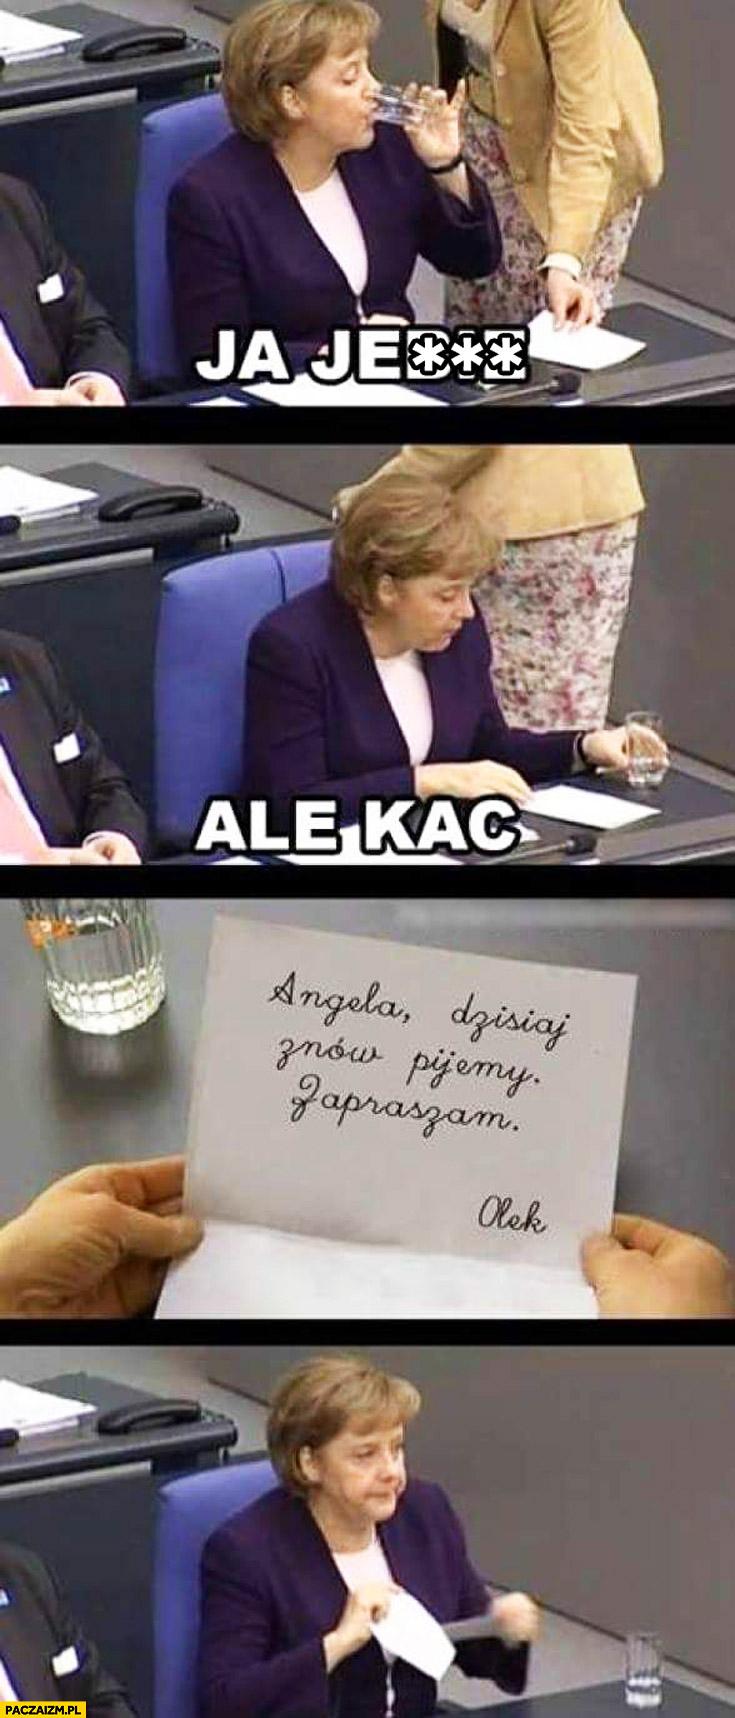 Ale kac. Angela dzisiaj znów pijemy Olek. Merkel Kwaśniewski